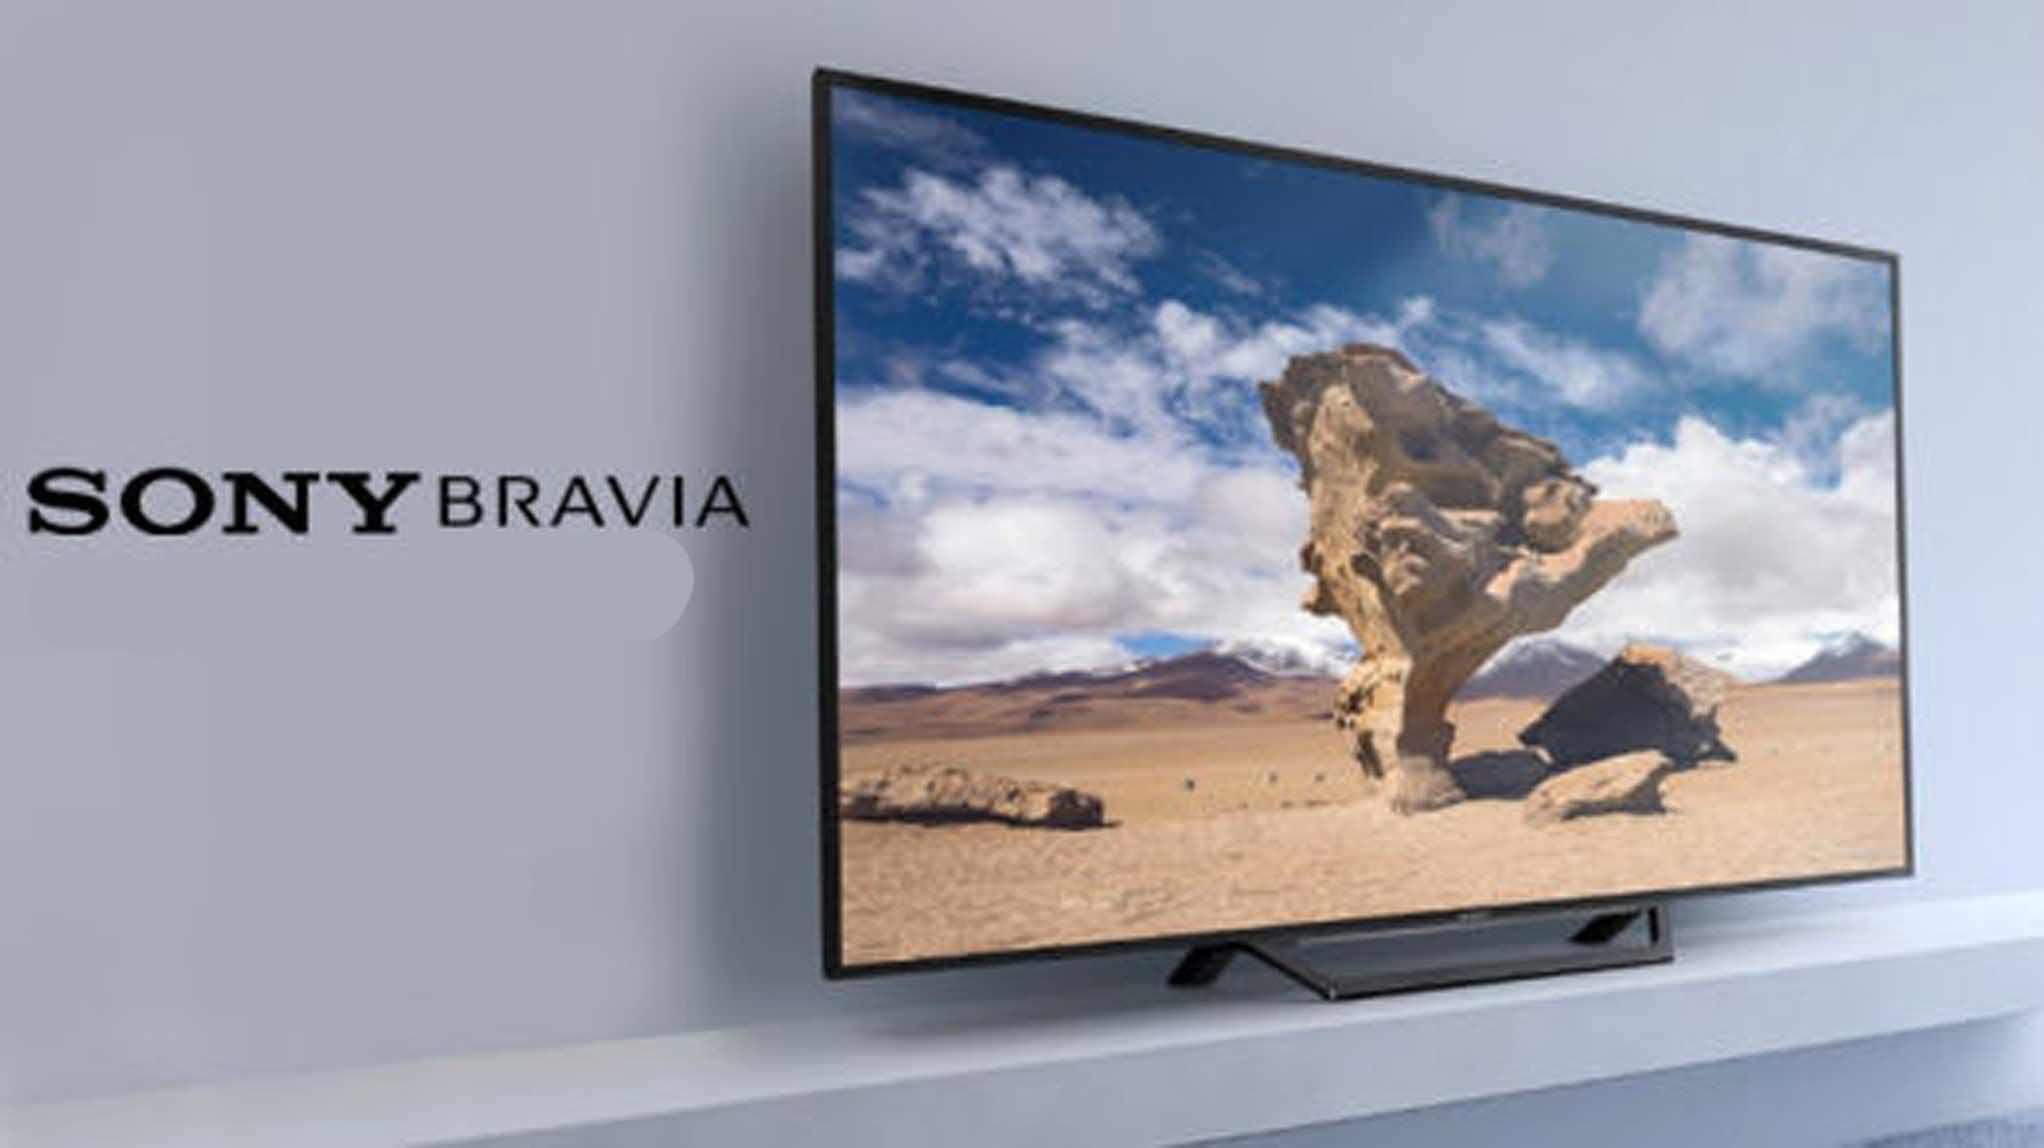 Sony-Bravia-Smart-TV